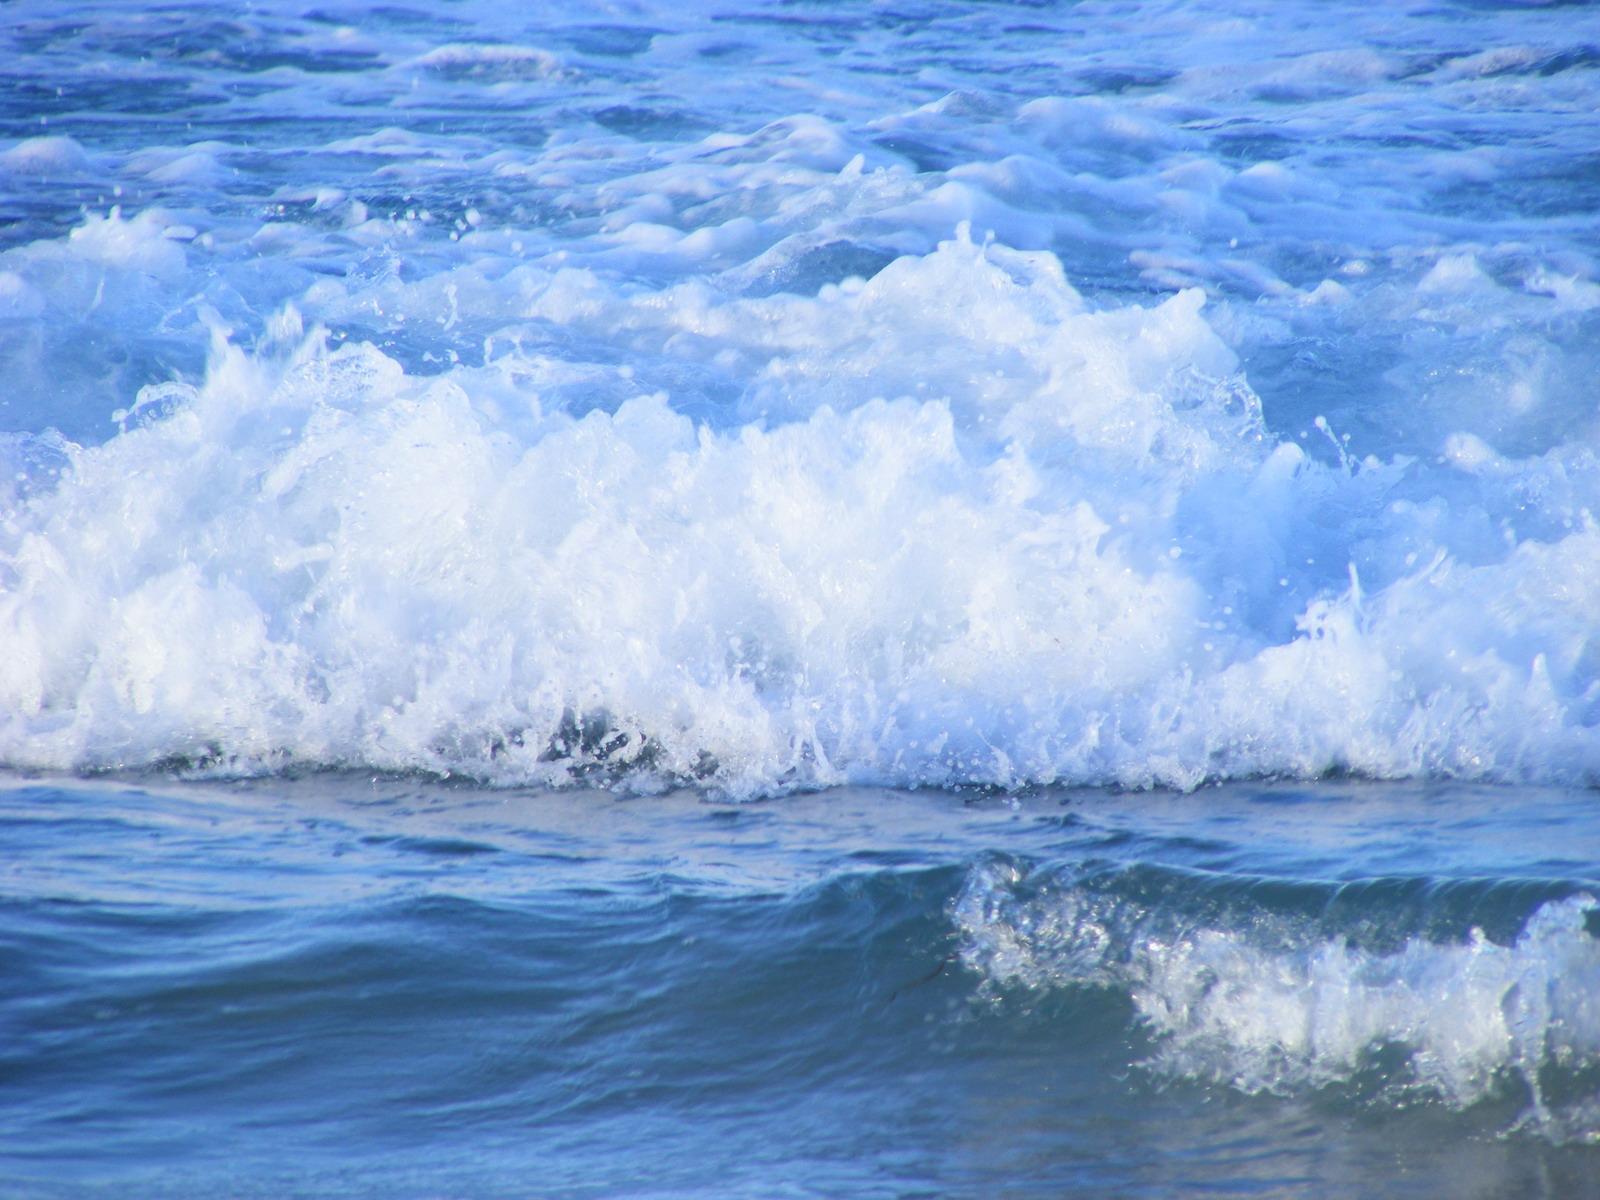 Статусы про море про крым